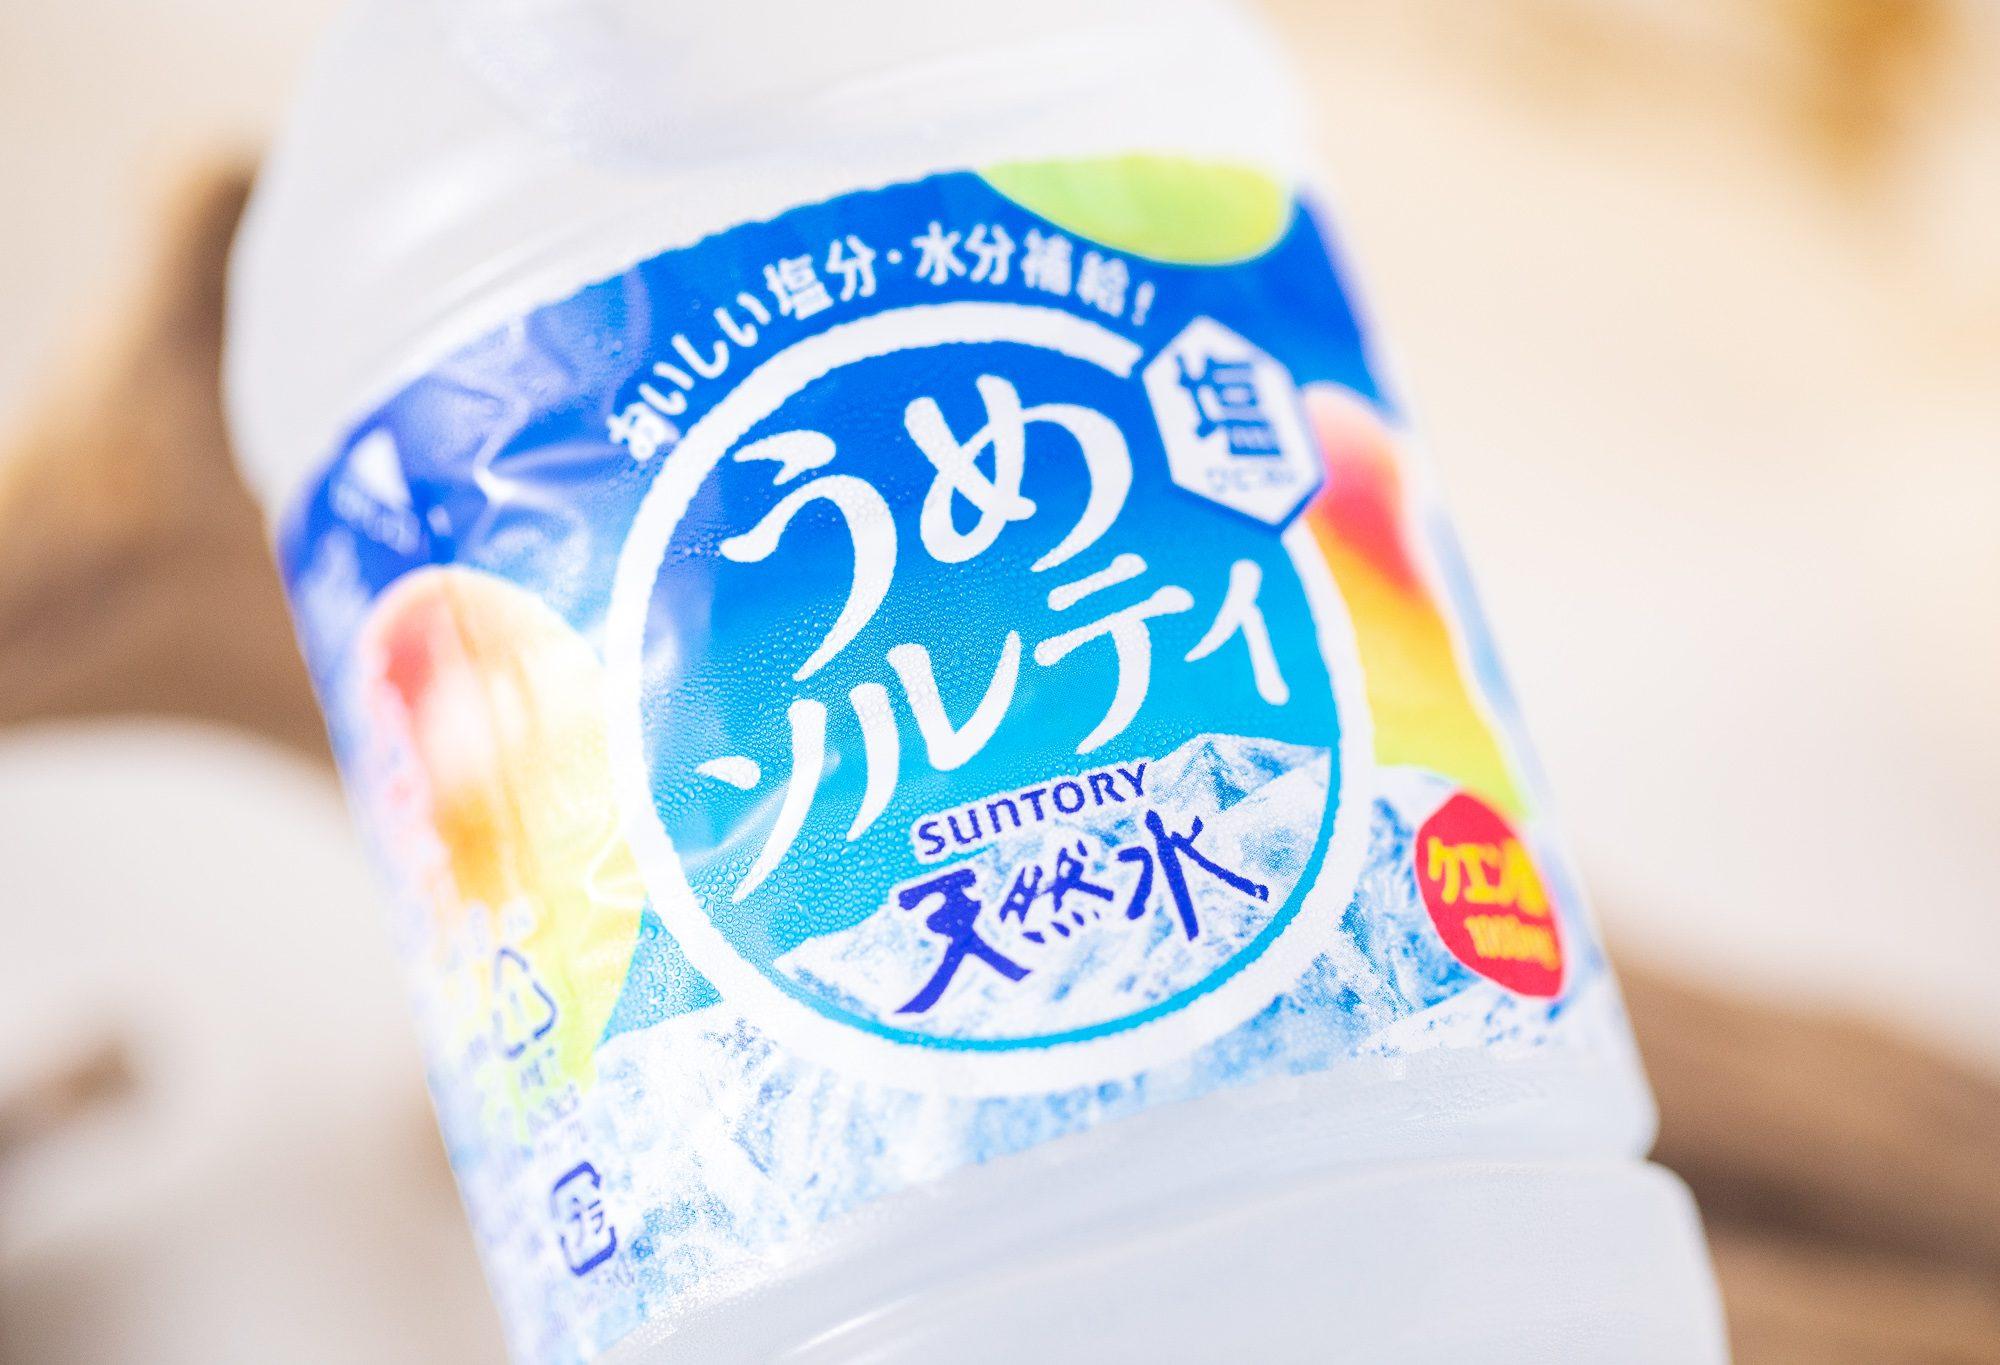 サントリー『サントリー天然水 うめソルティ』実飲レビュー!爽やかな梅の酸味と風味でゴクゴク飲みたい水分・塩分補給ドリンク◎